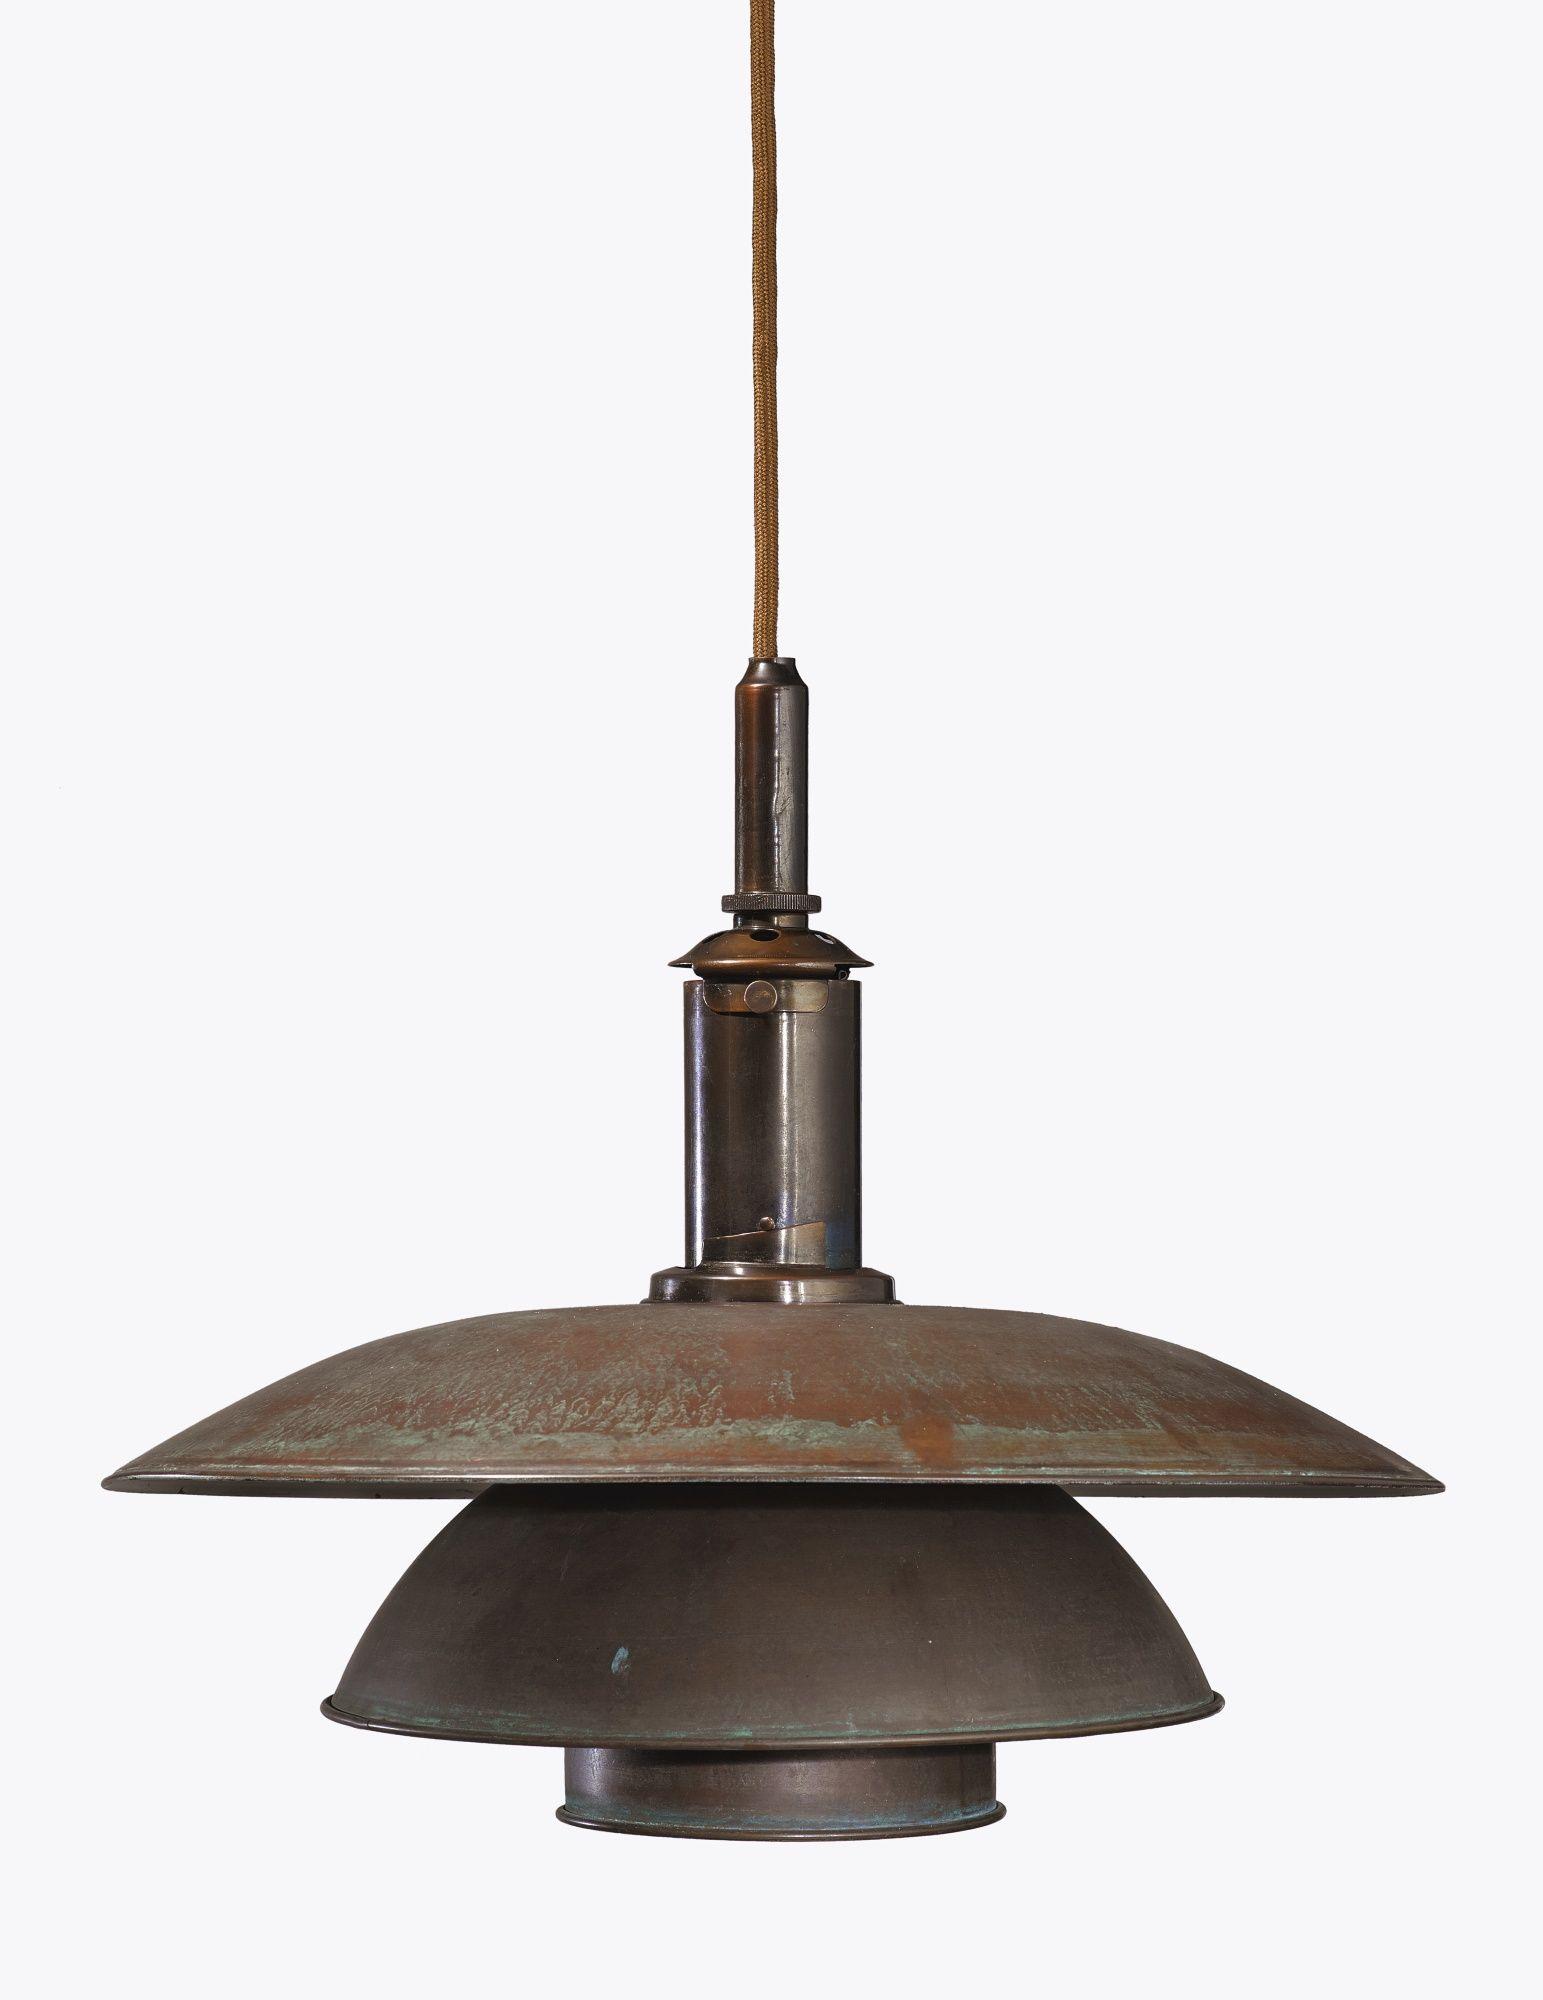 Poul heningsen vintage world design pinterest lights urban pendant lamps poul heningsen arubaitofo Images